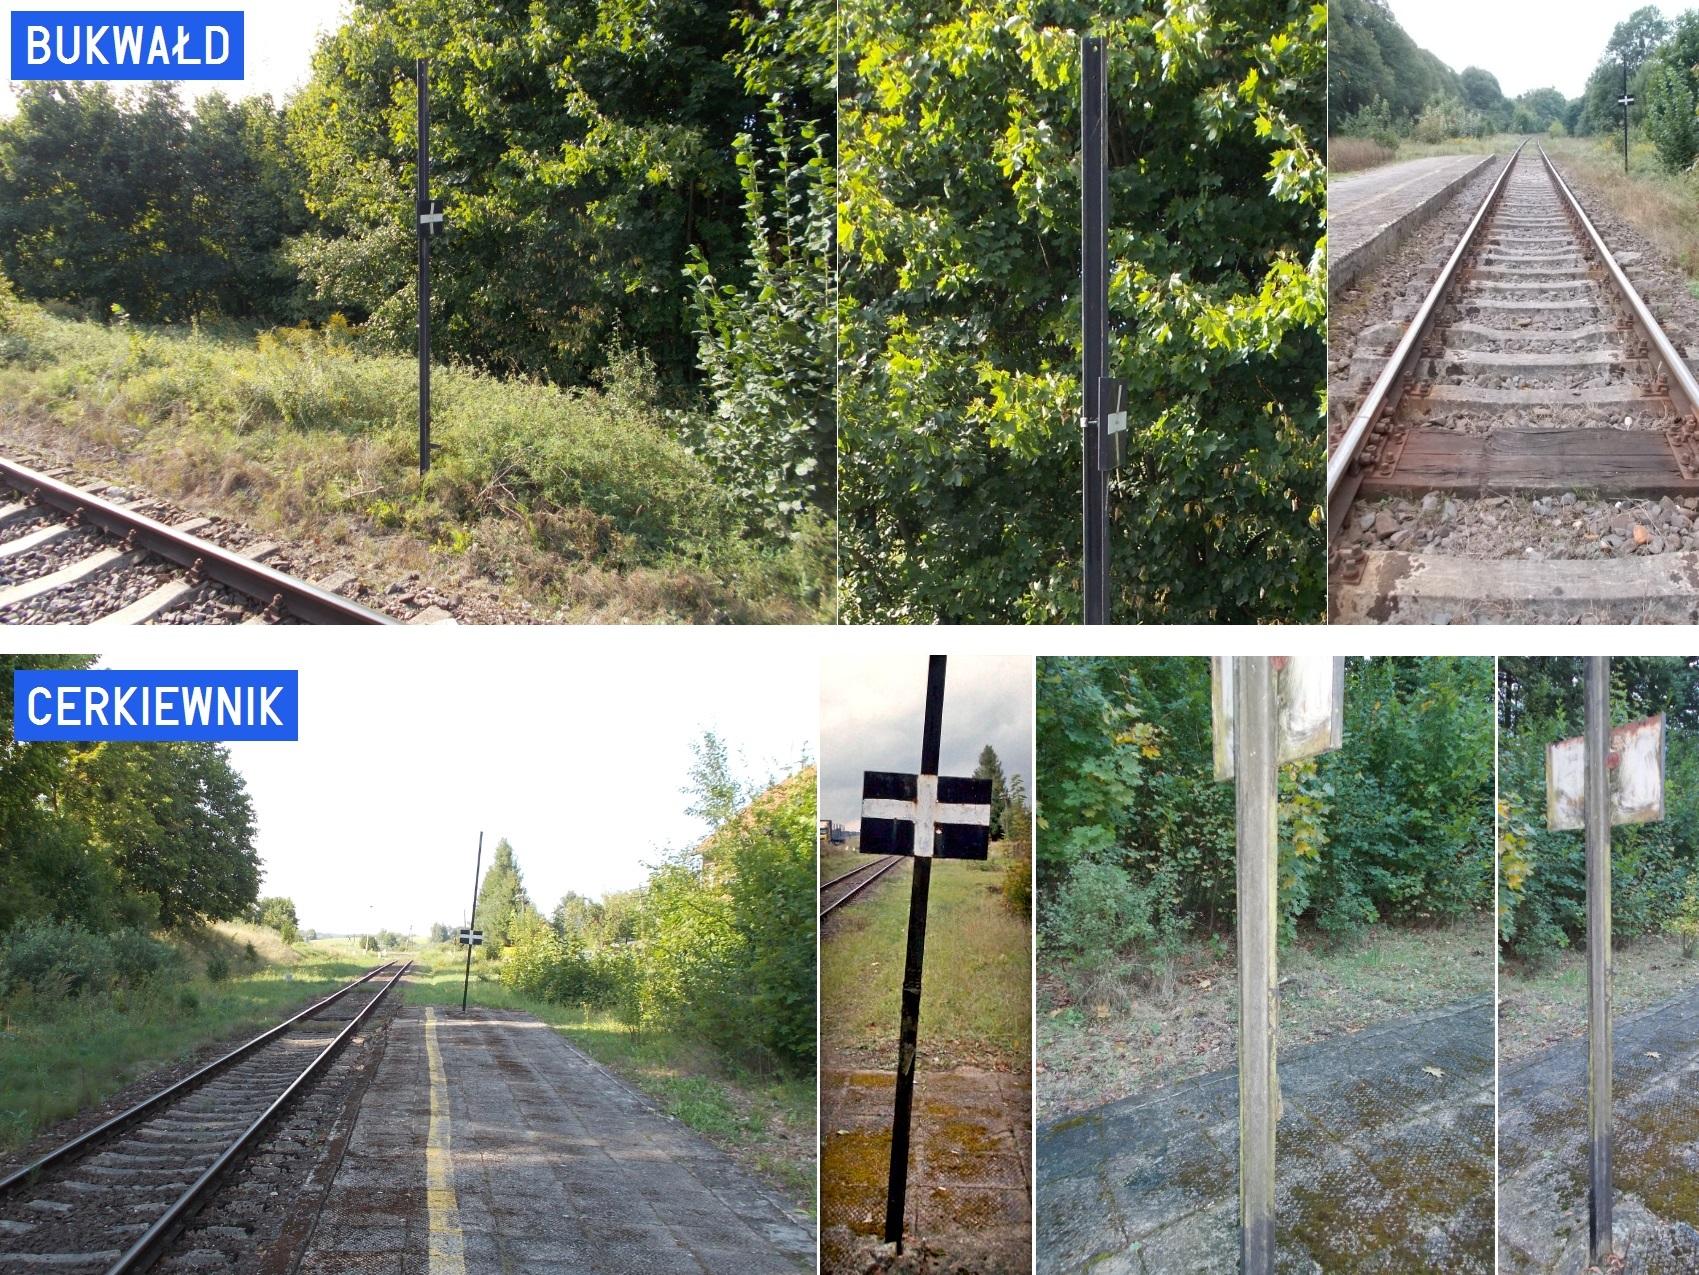 Szyny wąskotorowe jako słupki wskaźnika W-4 na stacji Bukwałd i Cerkiewnik.jpg